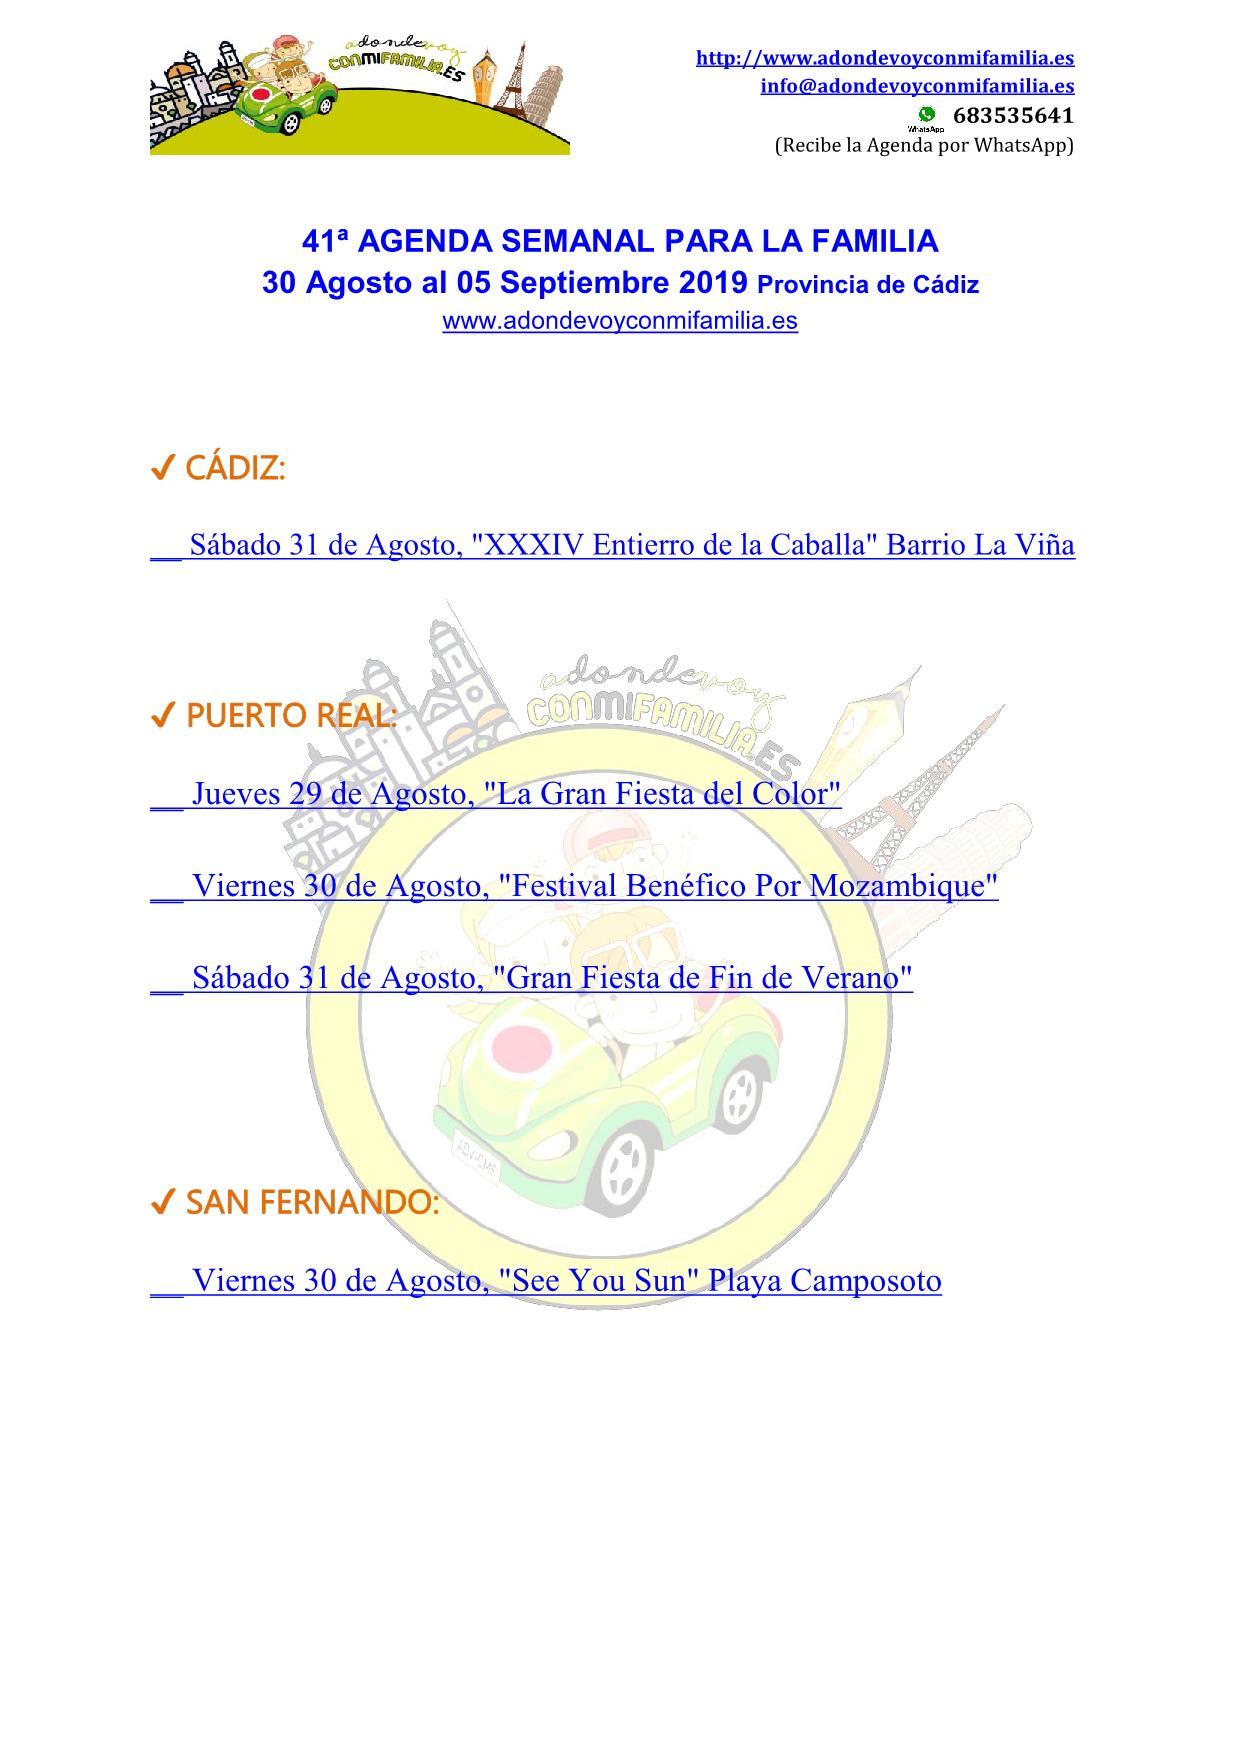 041 Agenda semanal familiar 30 agosto al 05 septiembre 2019